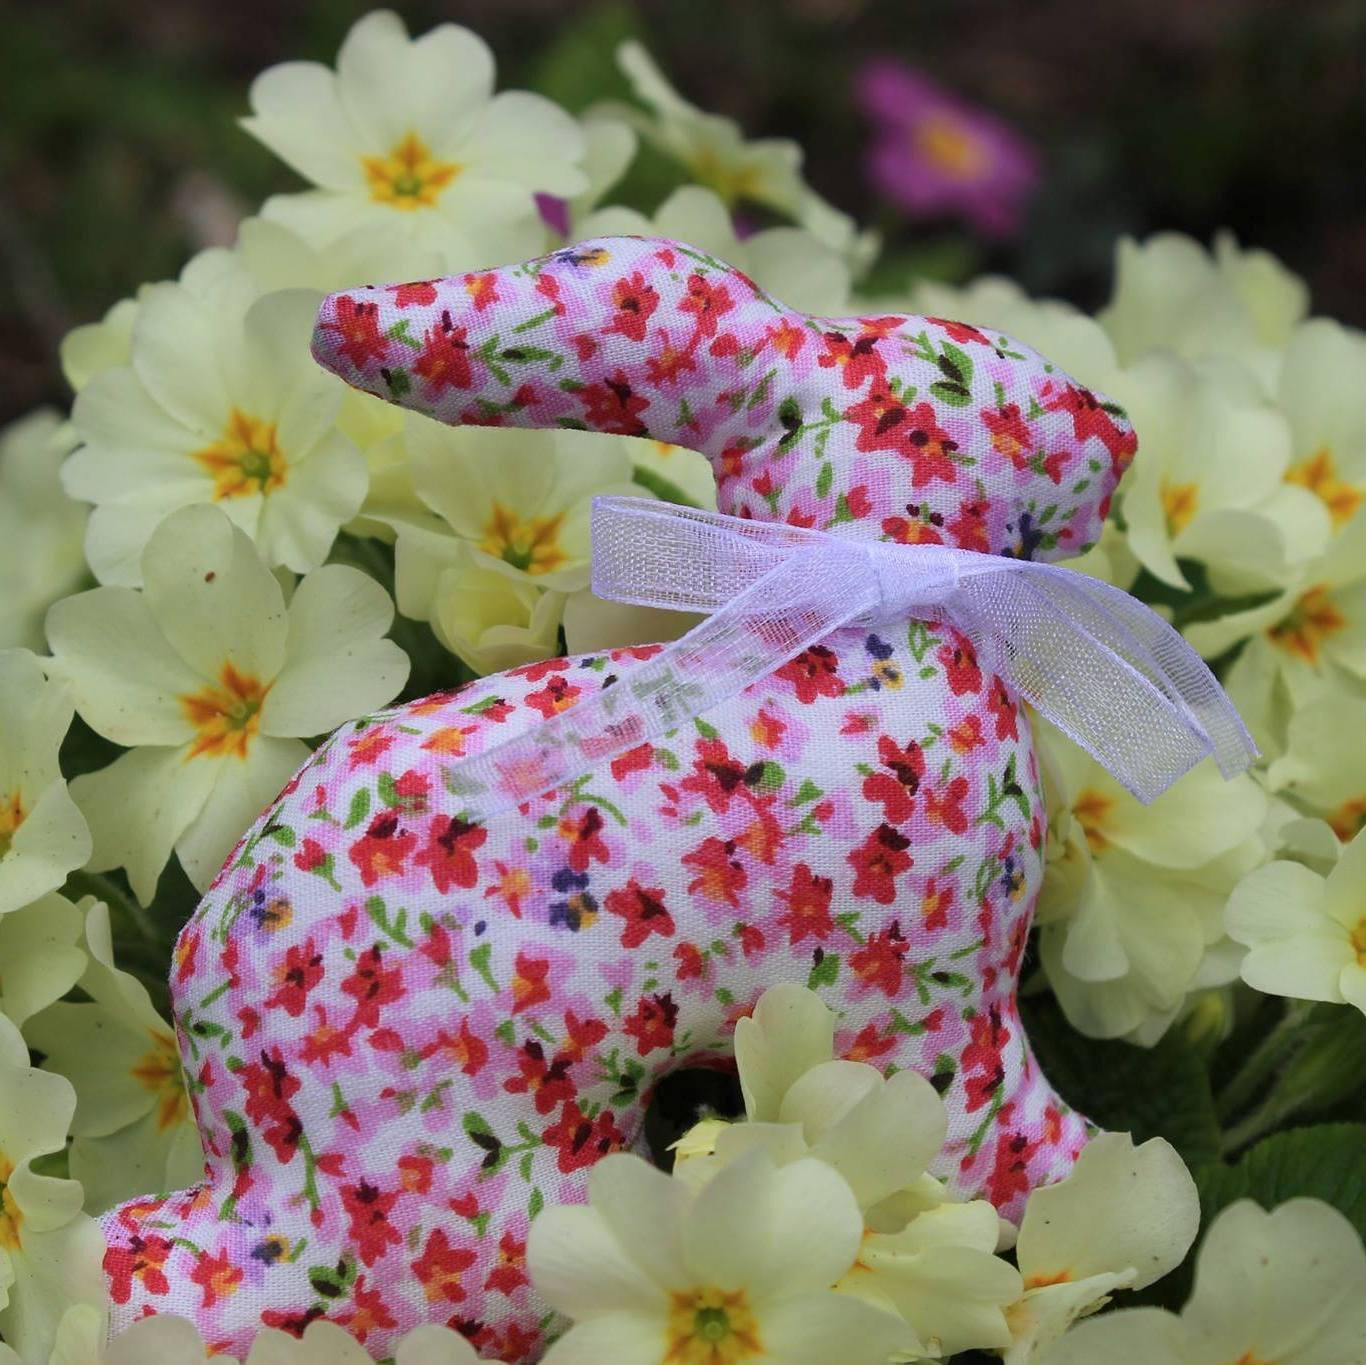 Décoration textile de lapin de Pâques